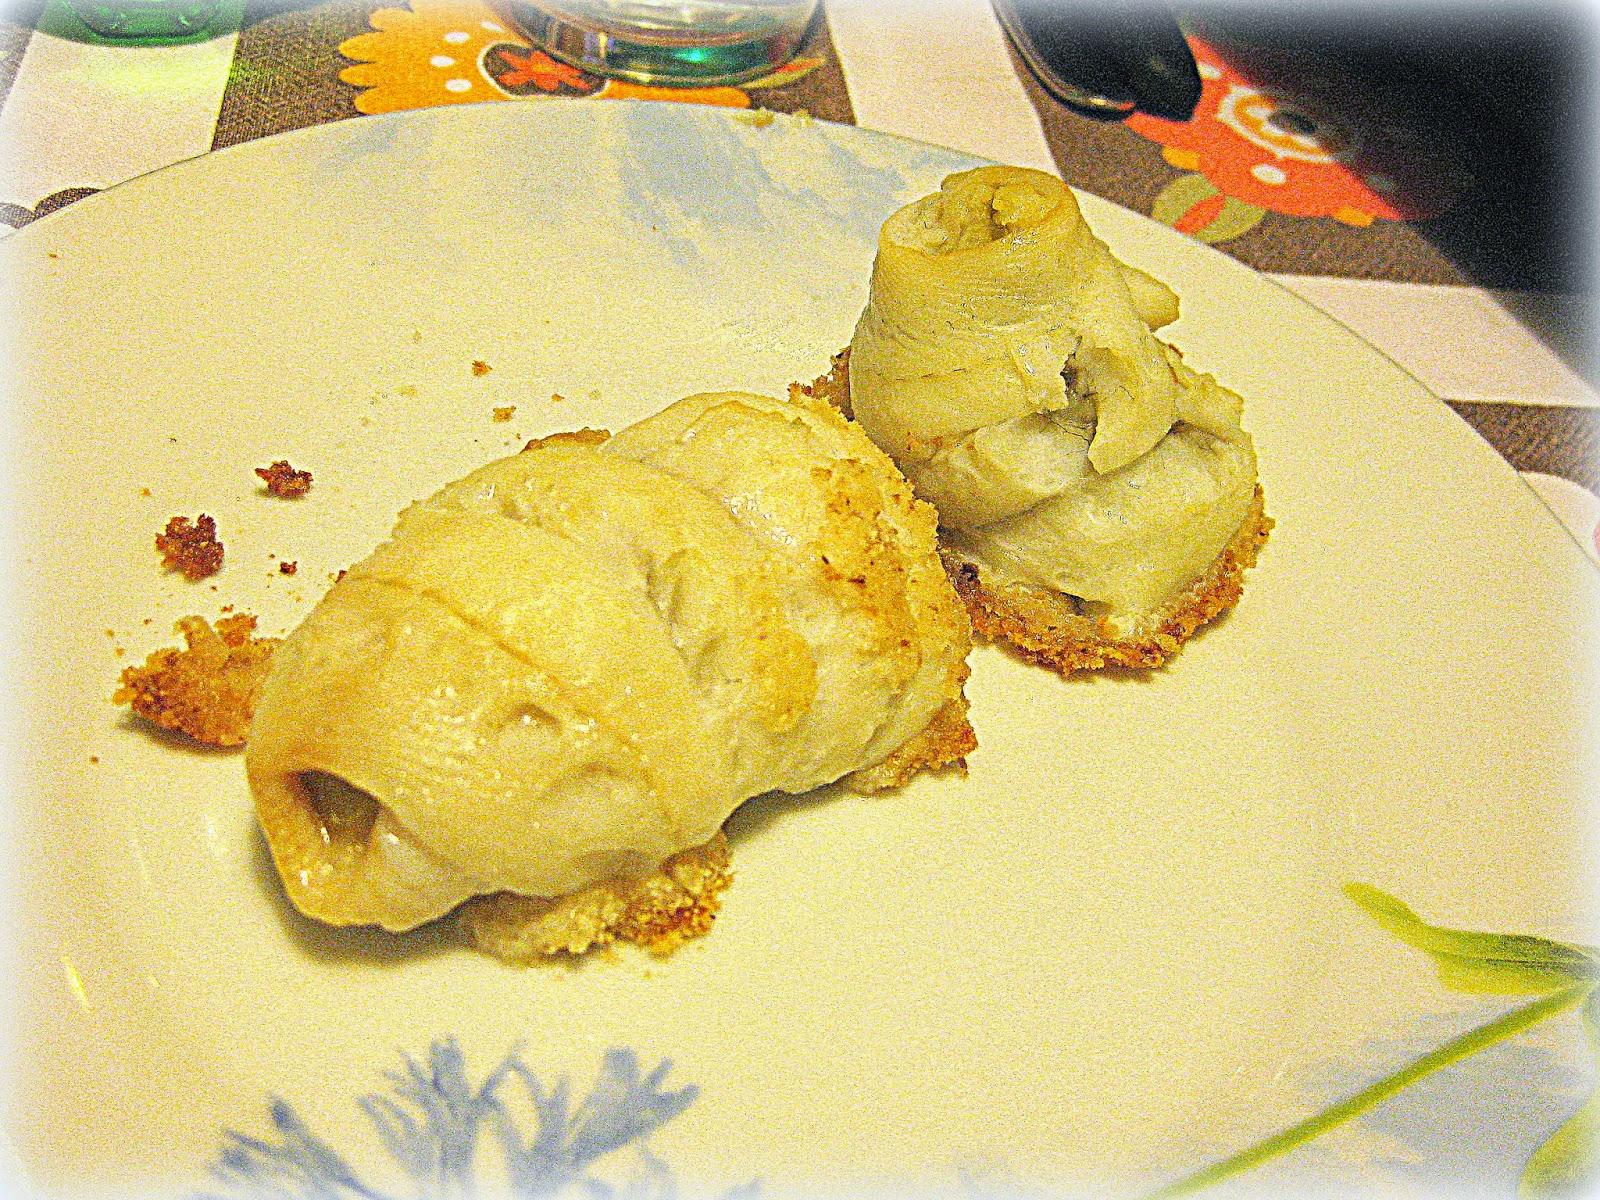 La ricetta delle girelle di platessa è perfetta per proporre il pesce in modo sfizioso, farcito con patate olive e pan grattato.